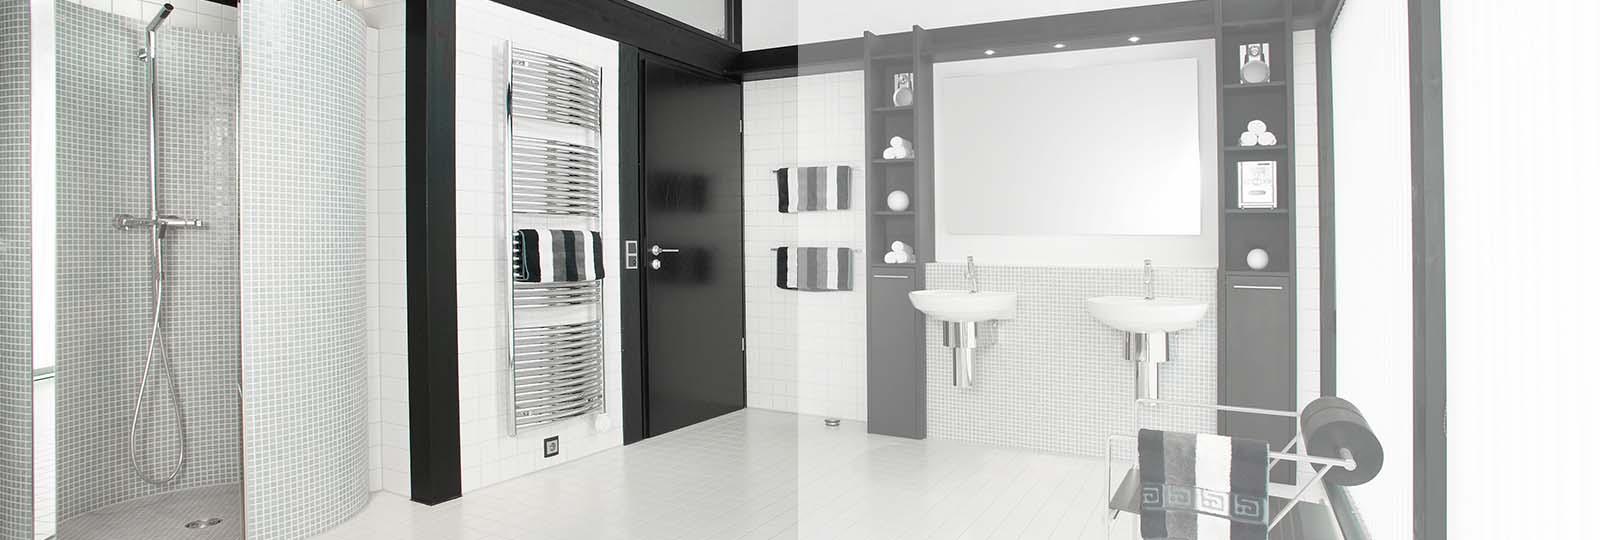 Detmolder Fachwerkhaus – Badezimmer